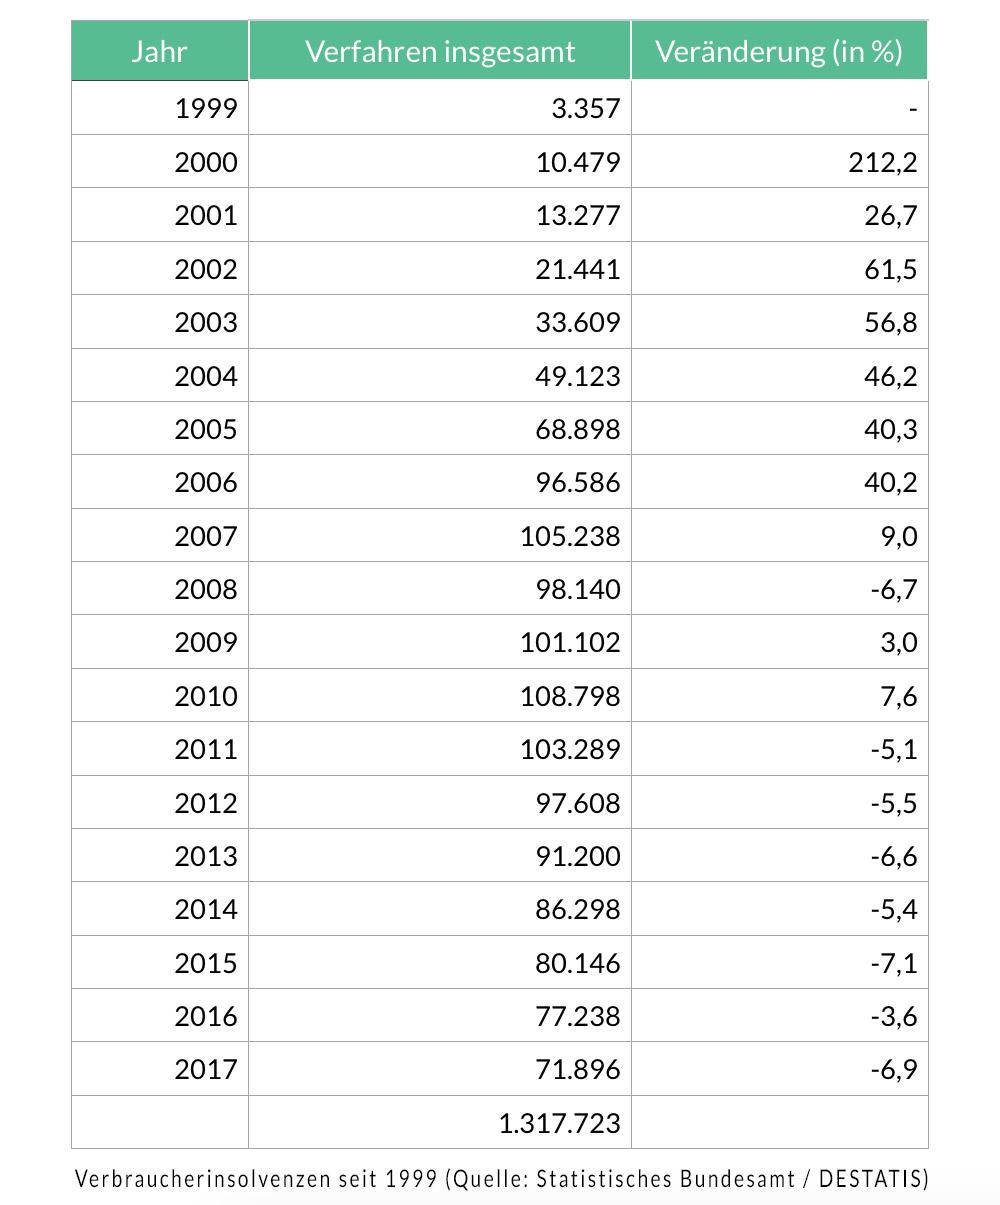 Privatinsolvenzen in Deutschland 1999 bis 2017 (Quelle: Statistisches Bundesamt)